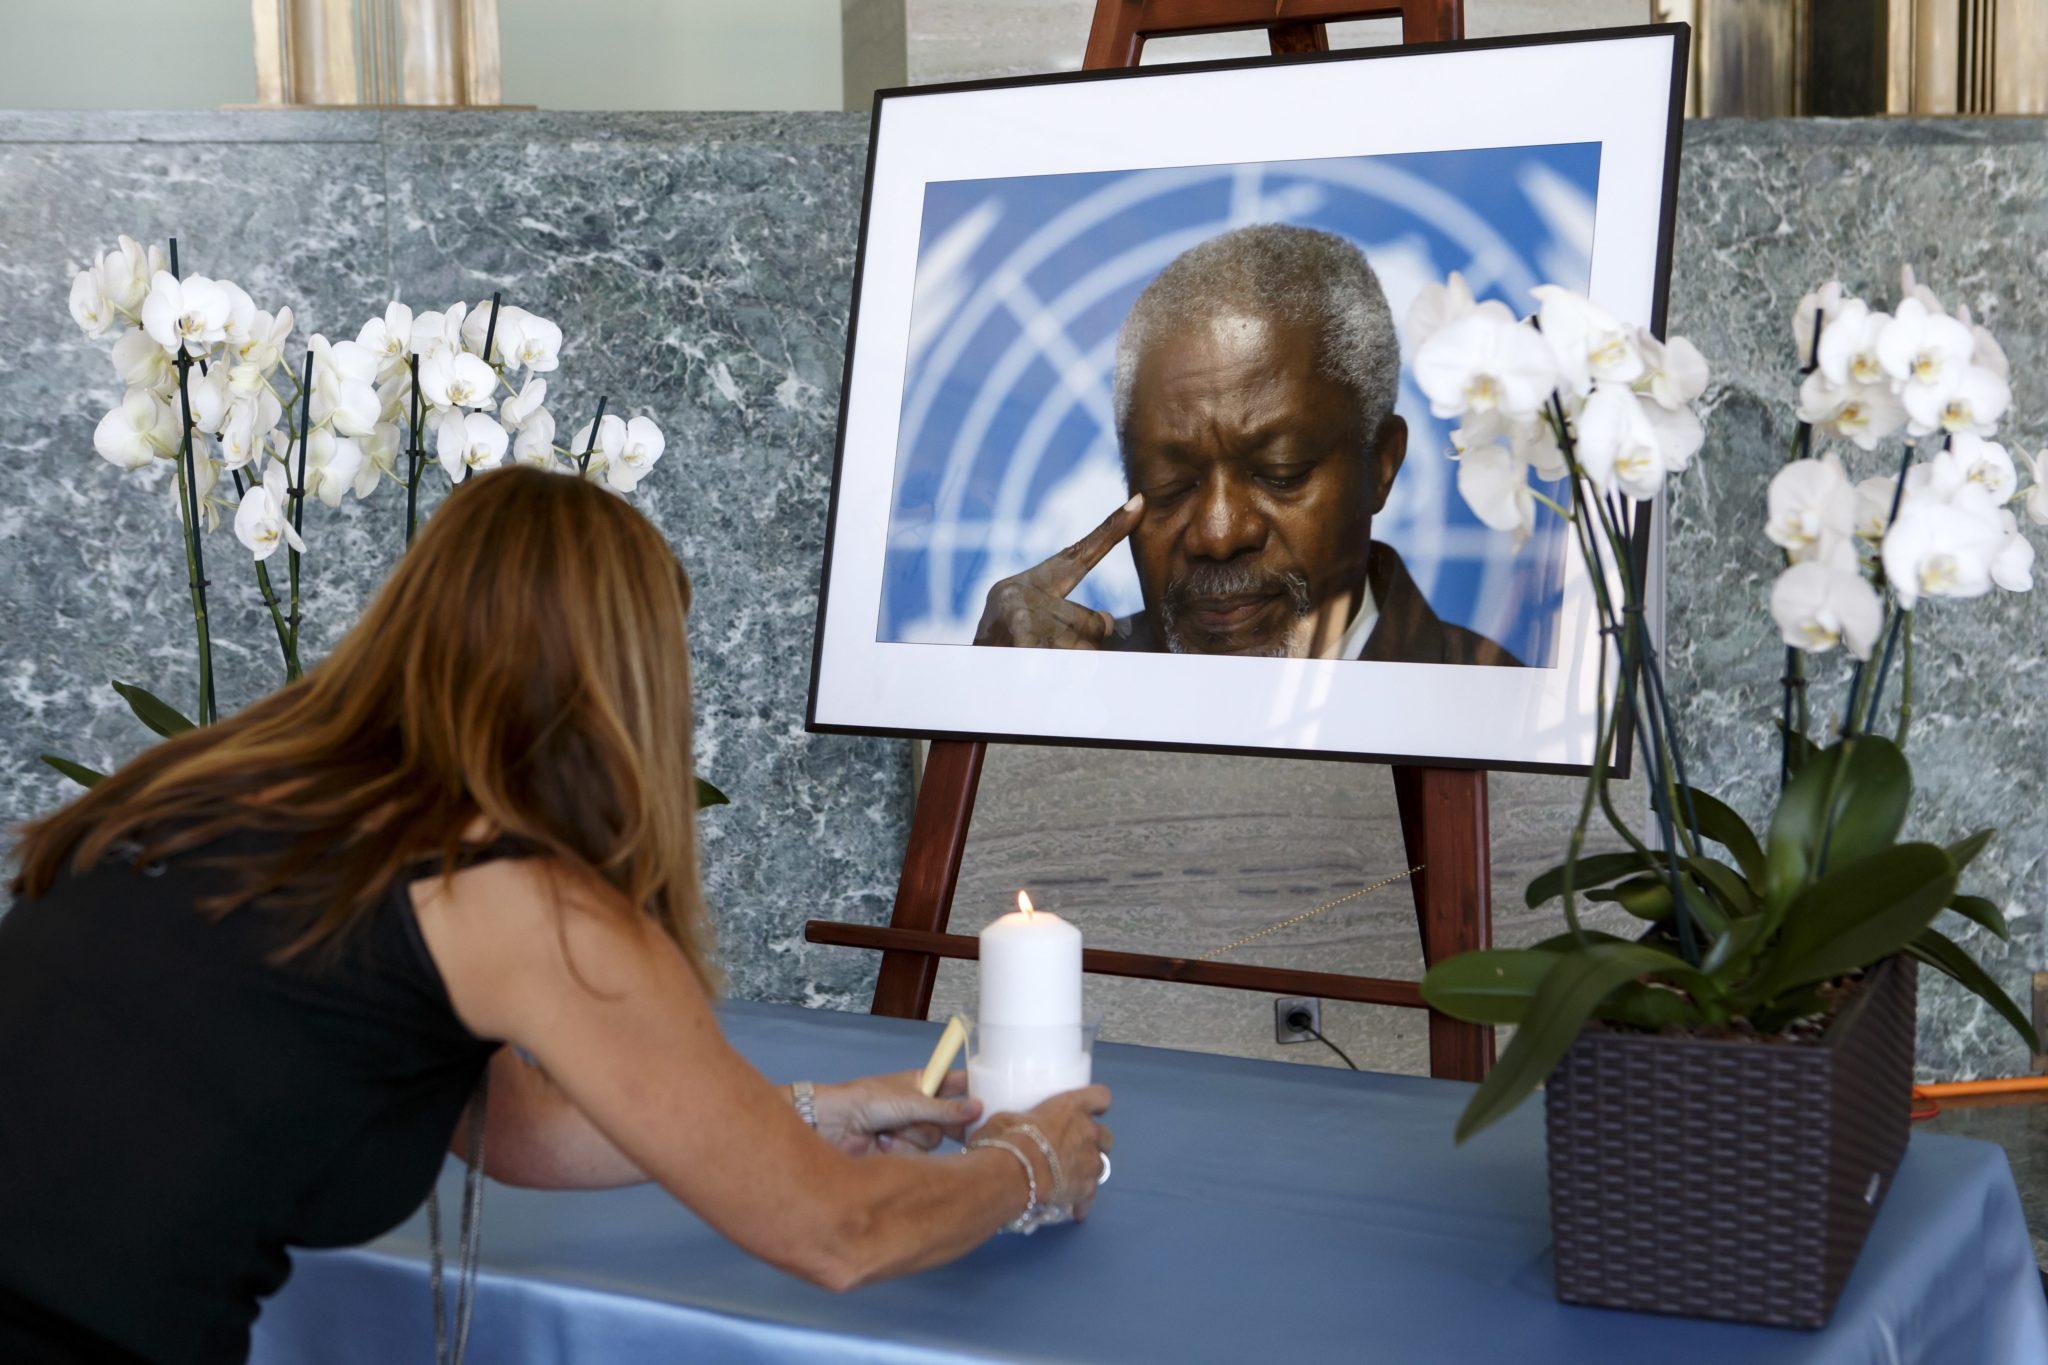 Członek personelu ONZ przed portretem byłego sekretarza generalnego Organizacji Narodów Zjednoczonych Kofiego Annana, podczas ceremonii w Europejskiej siedziby Organizacji Genewa, fot. Salvatore Di Nolfi, PAP/EPA